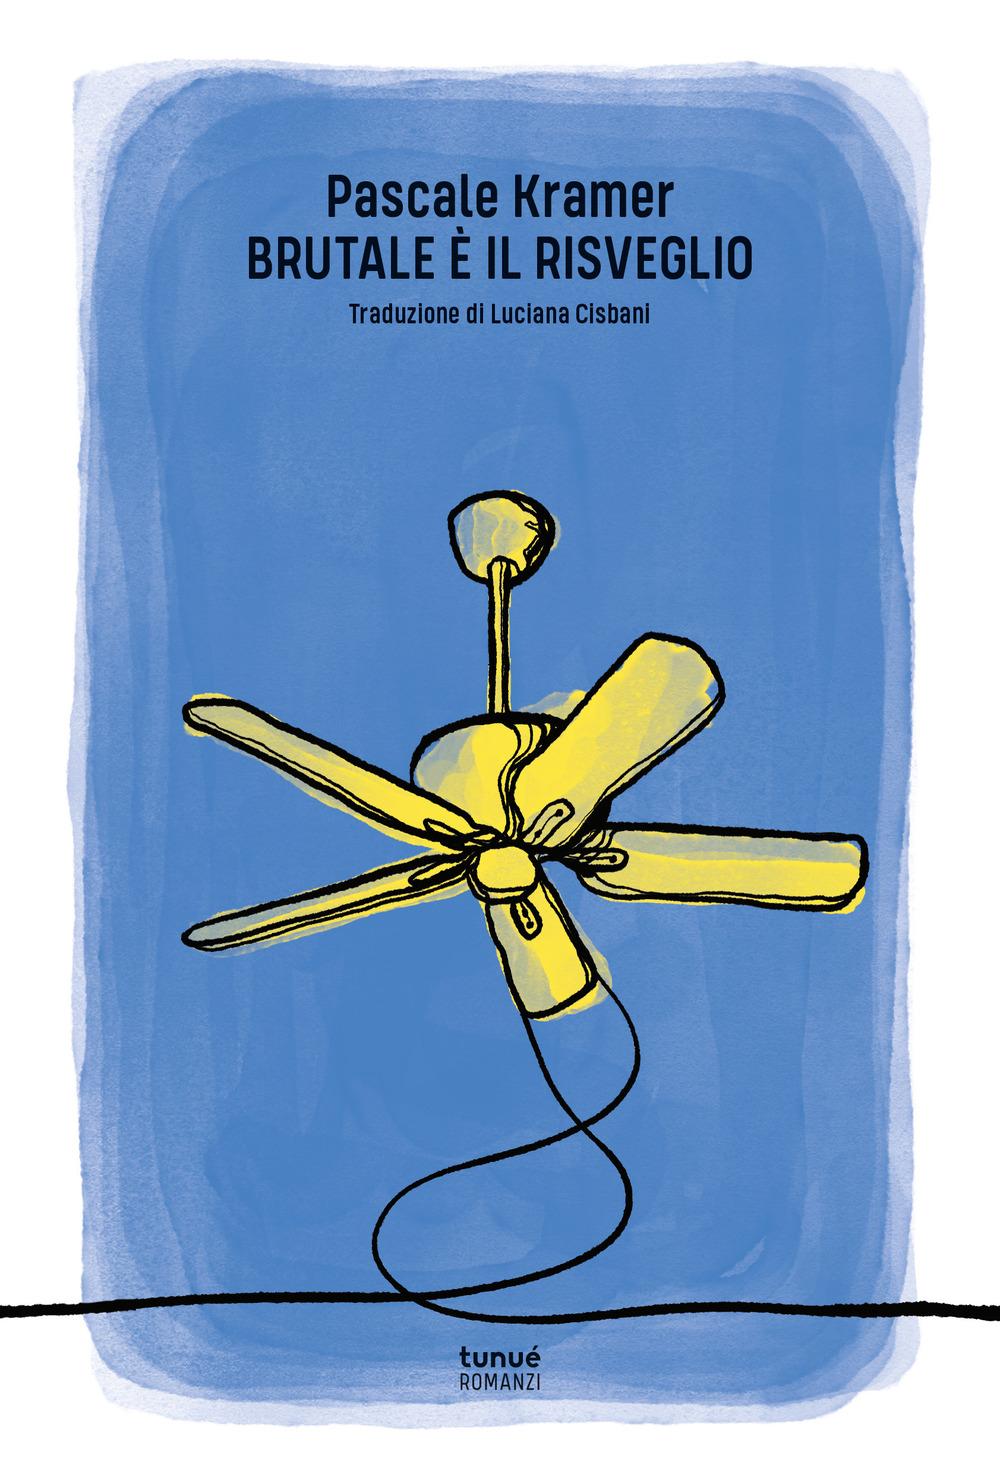 BRUTALE È IL RISVEGLIO - 9788867903771